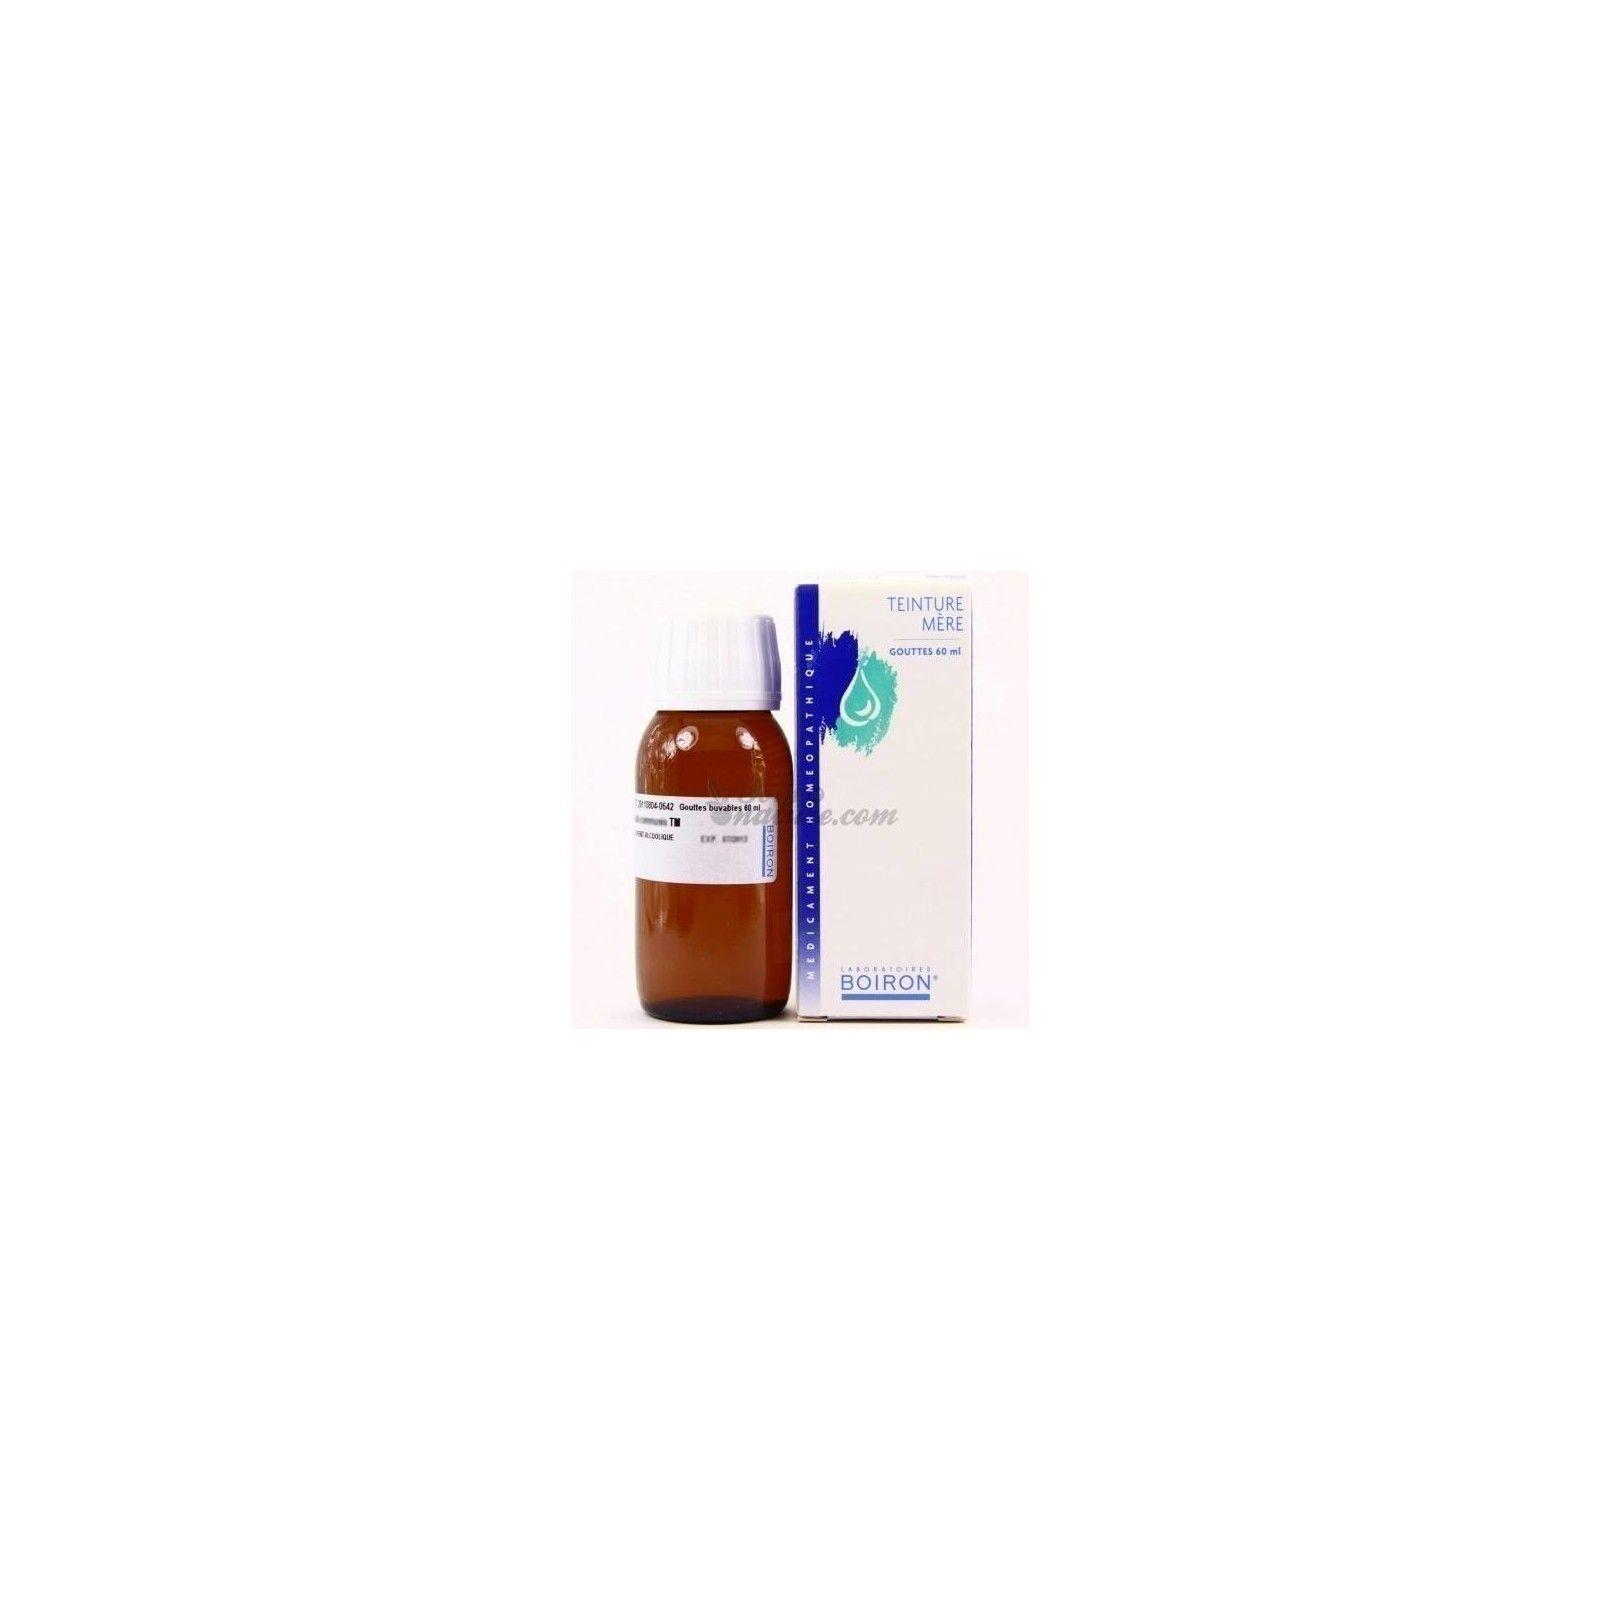 Boiron Tintures-Meres 30ml au meilleur prix